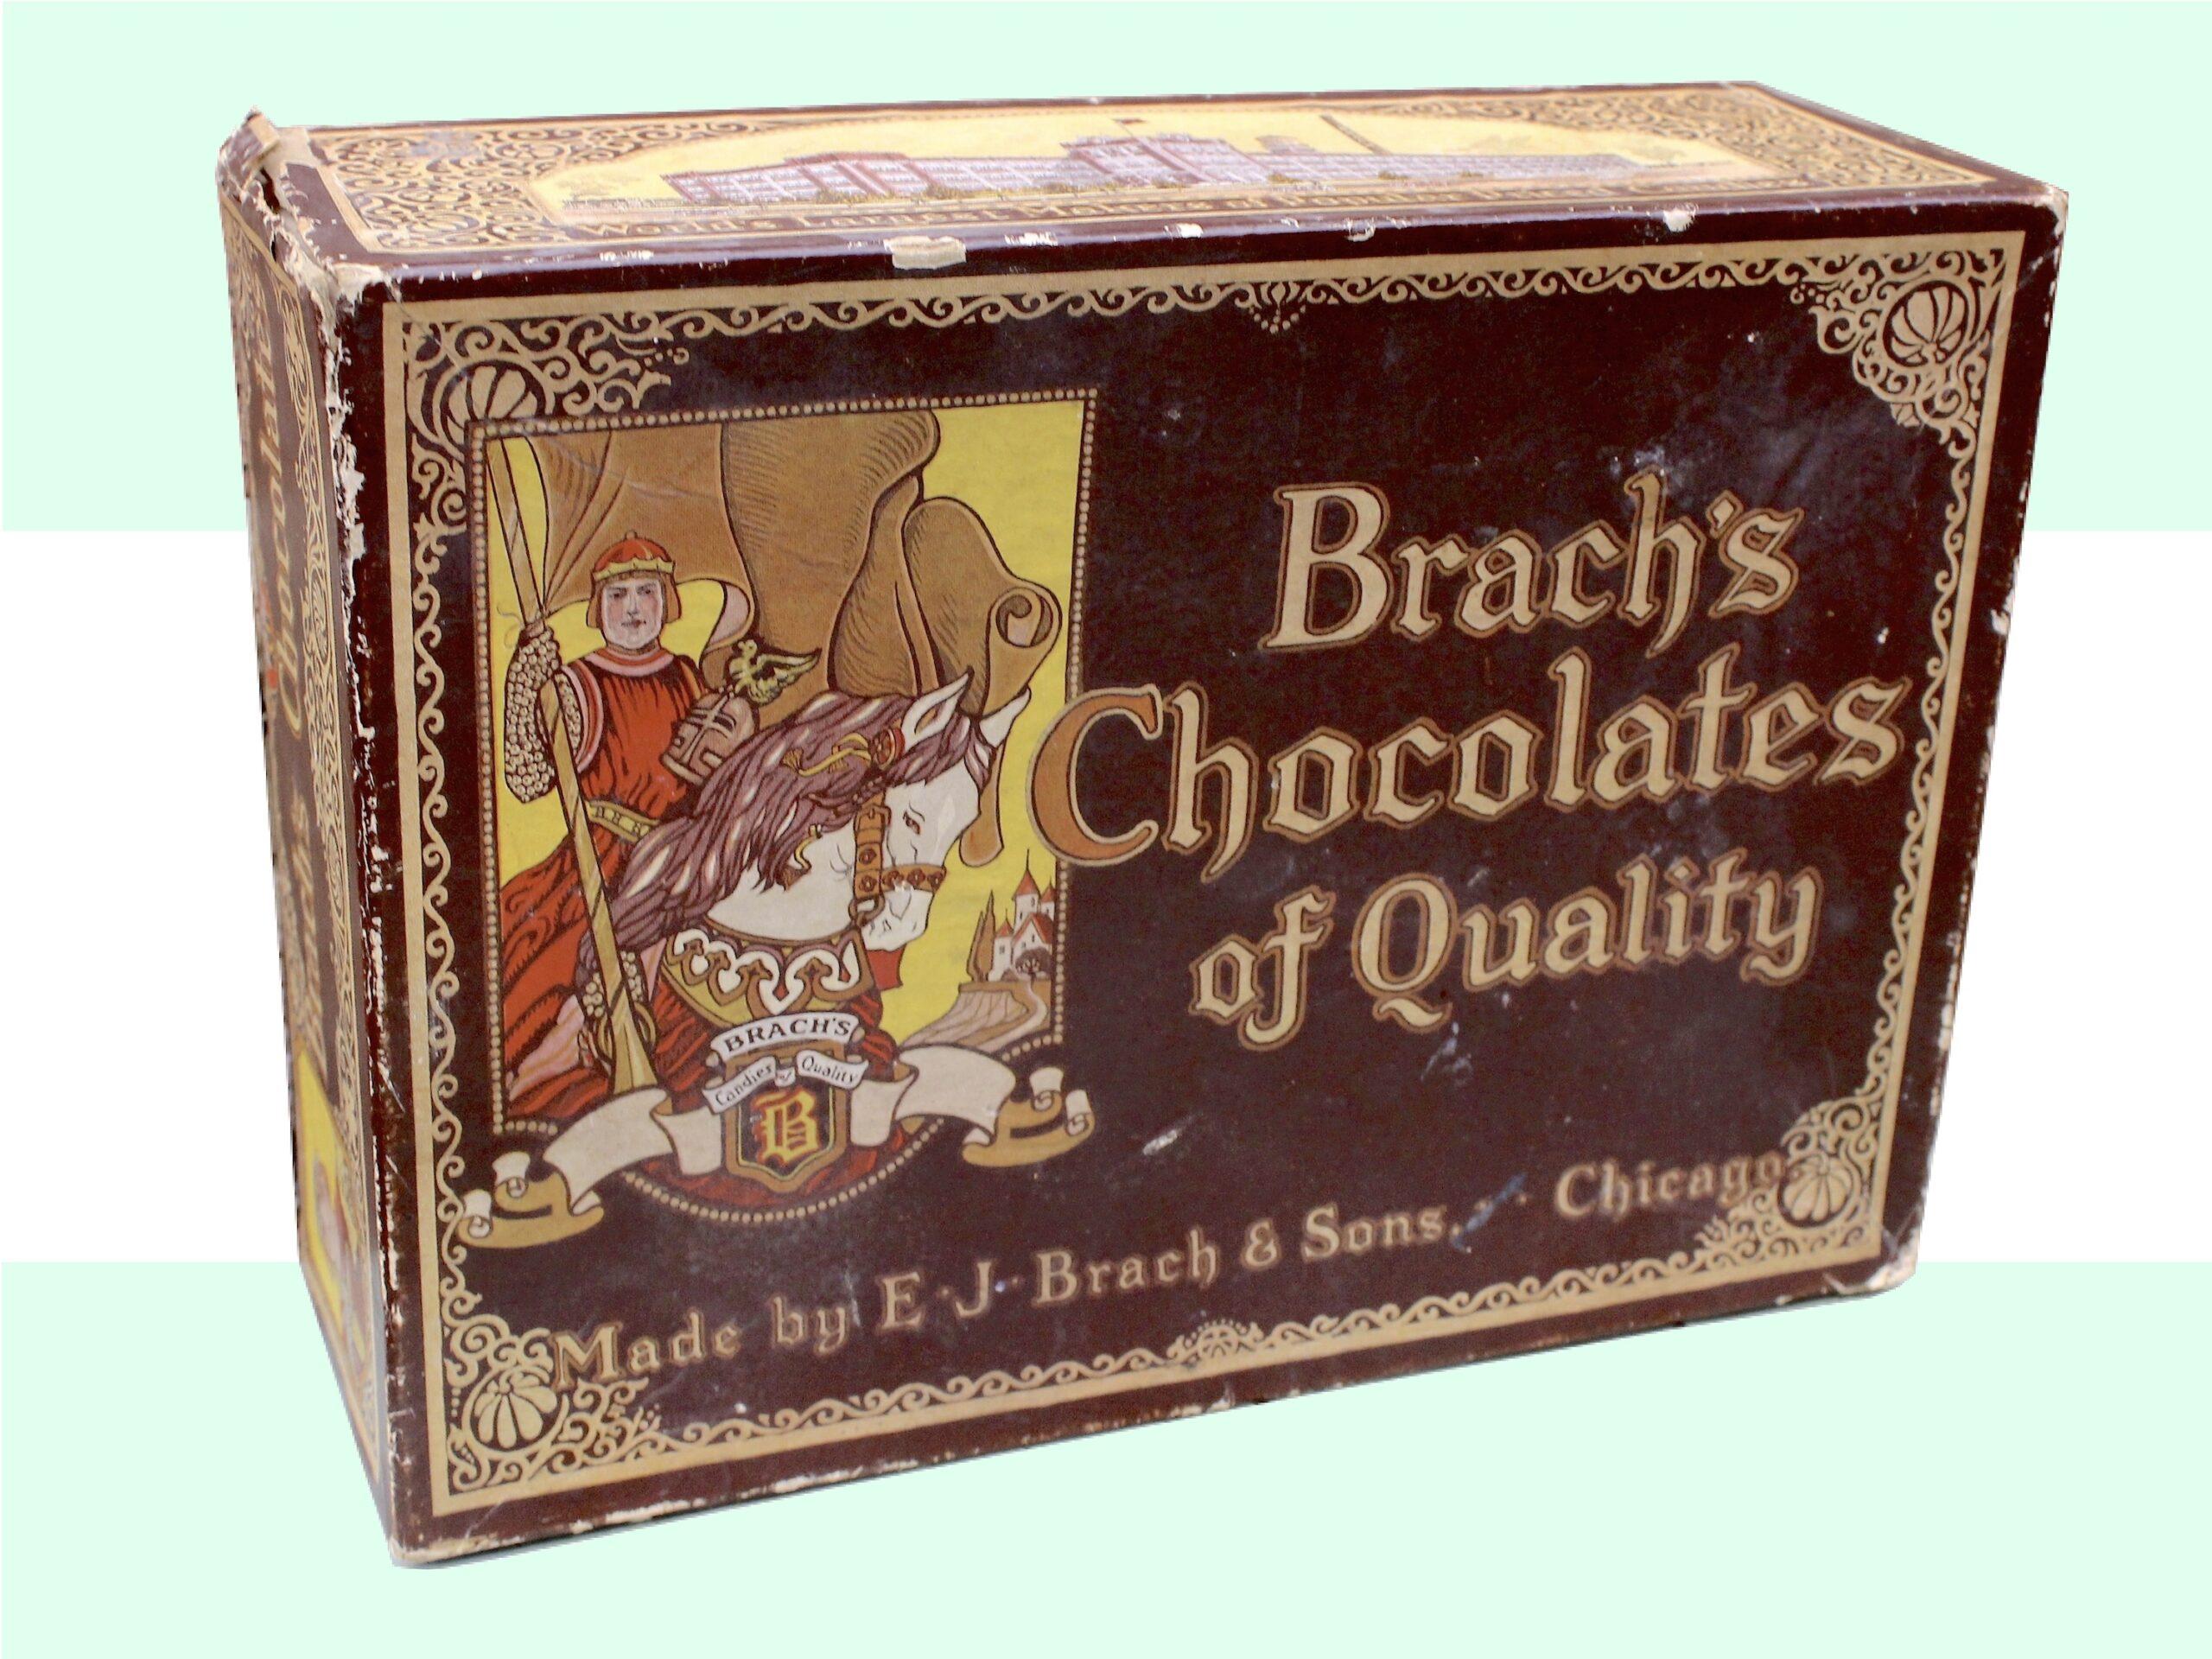 E. J. Brach history